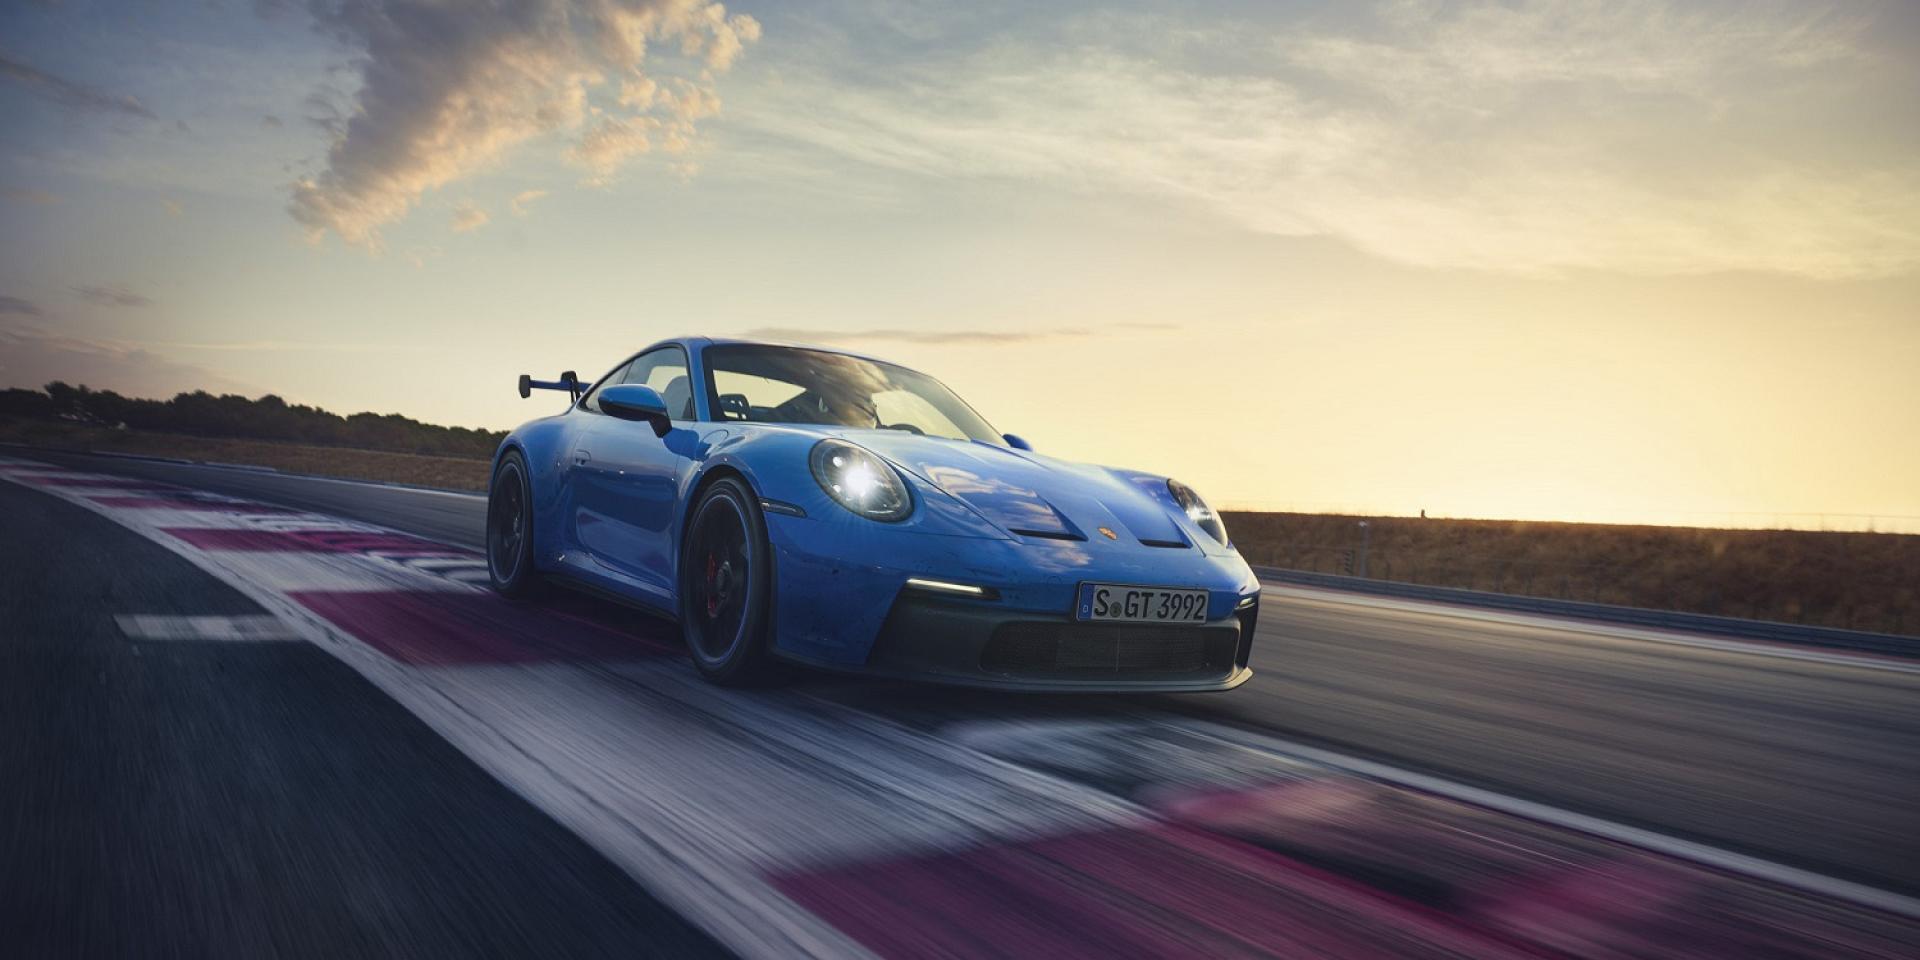 全新911 GT3:純正賽道血統!運動化懸載與高效能空氣動力技術,盡展跑車卓越性能